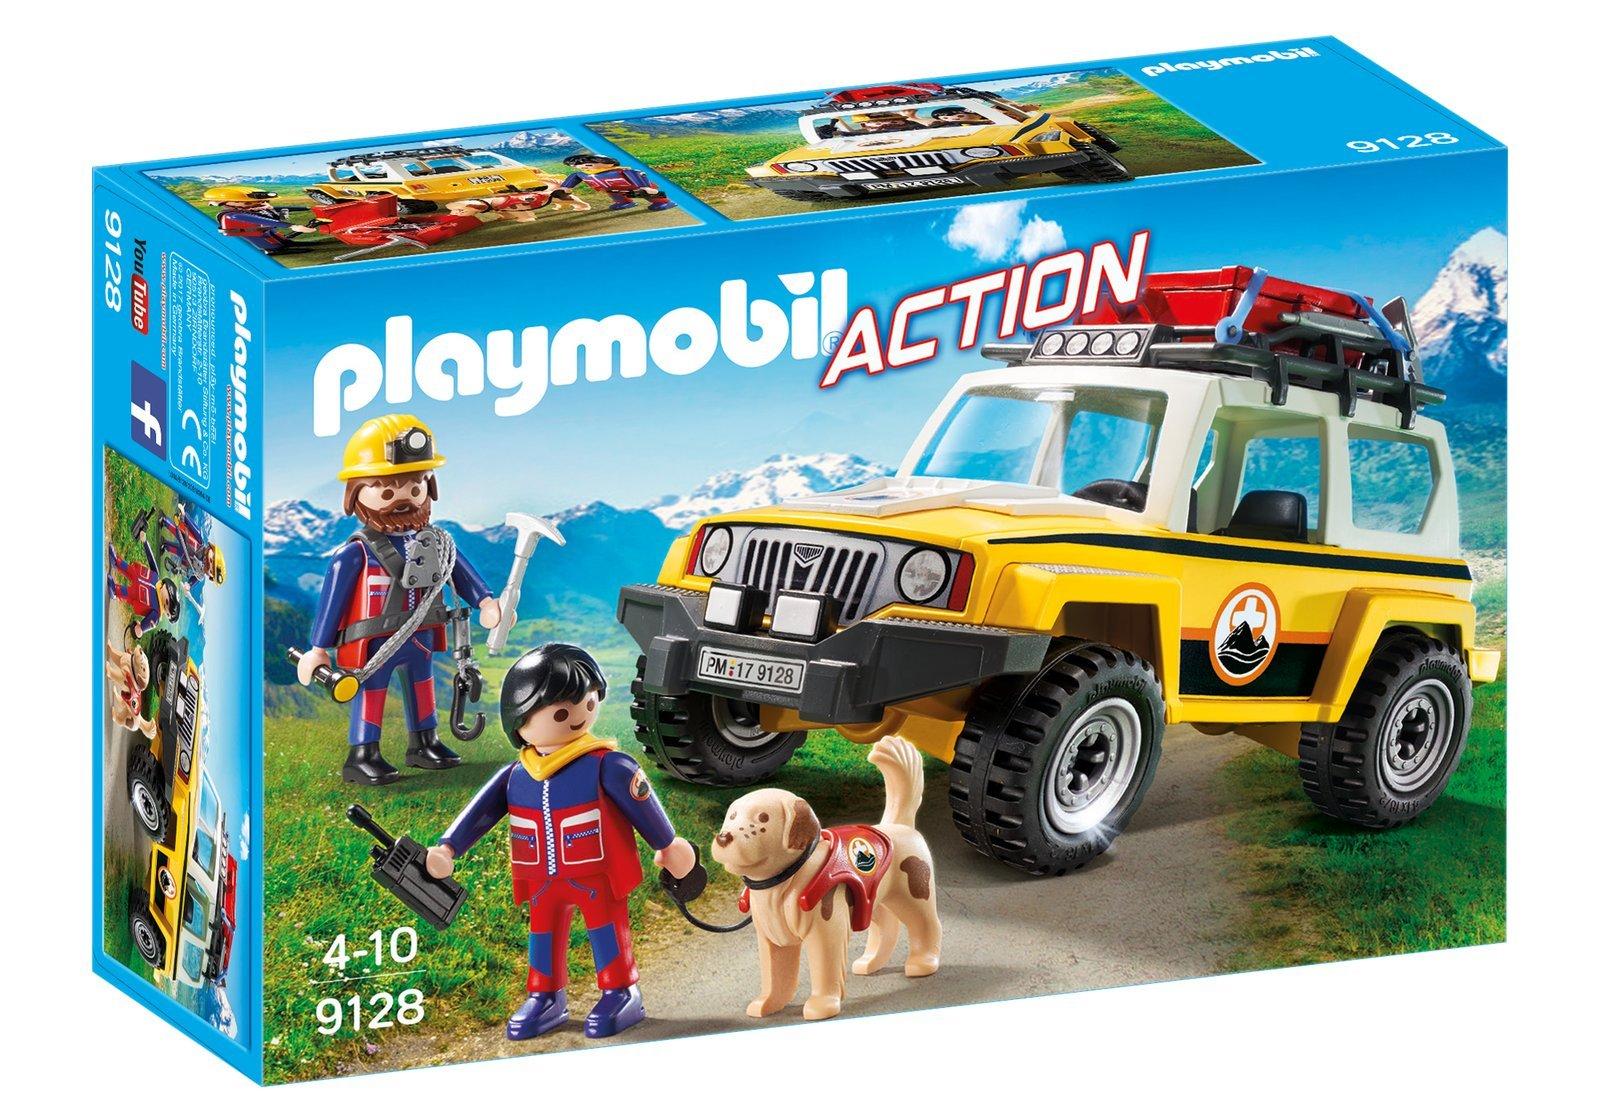 9128 PLAYMOBIL® Action, Kalnų gelbėtojų visureigis